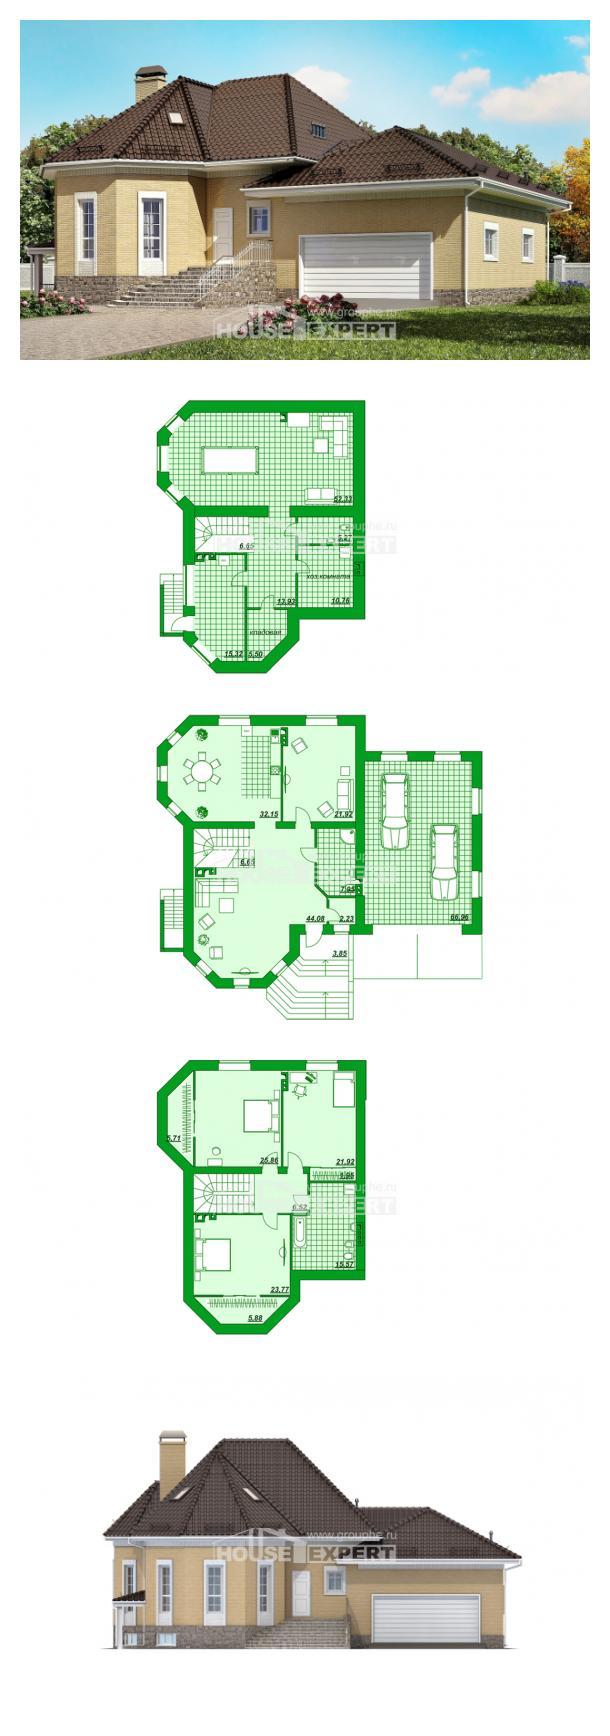 Proyecto de casa 400-001-R | House Expert